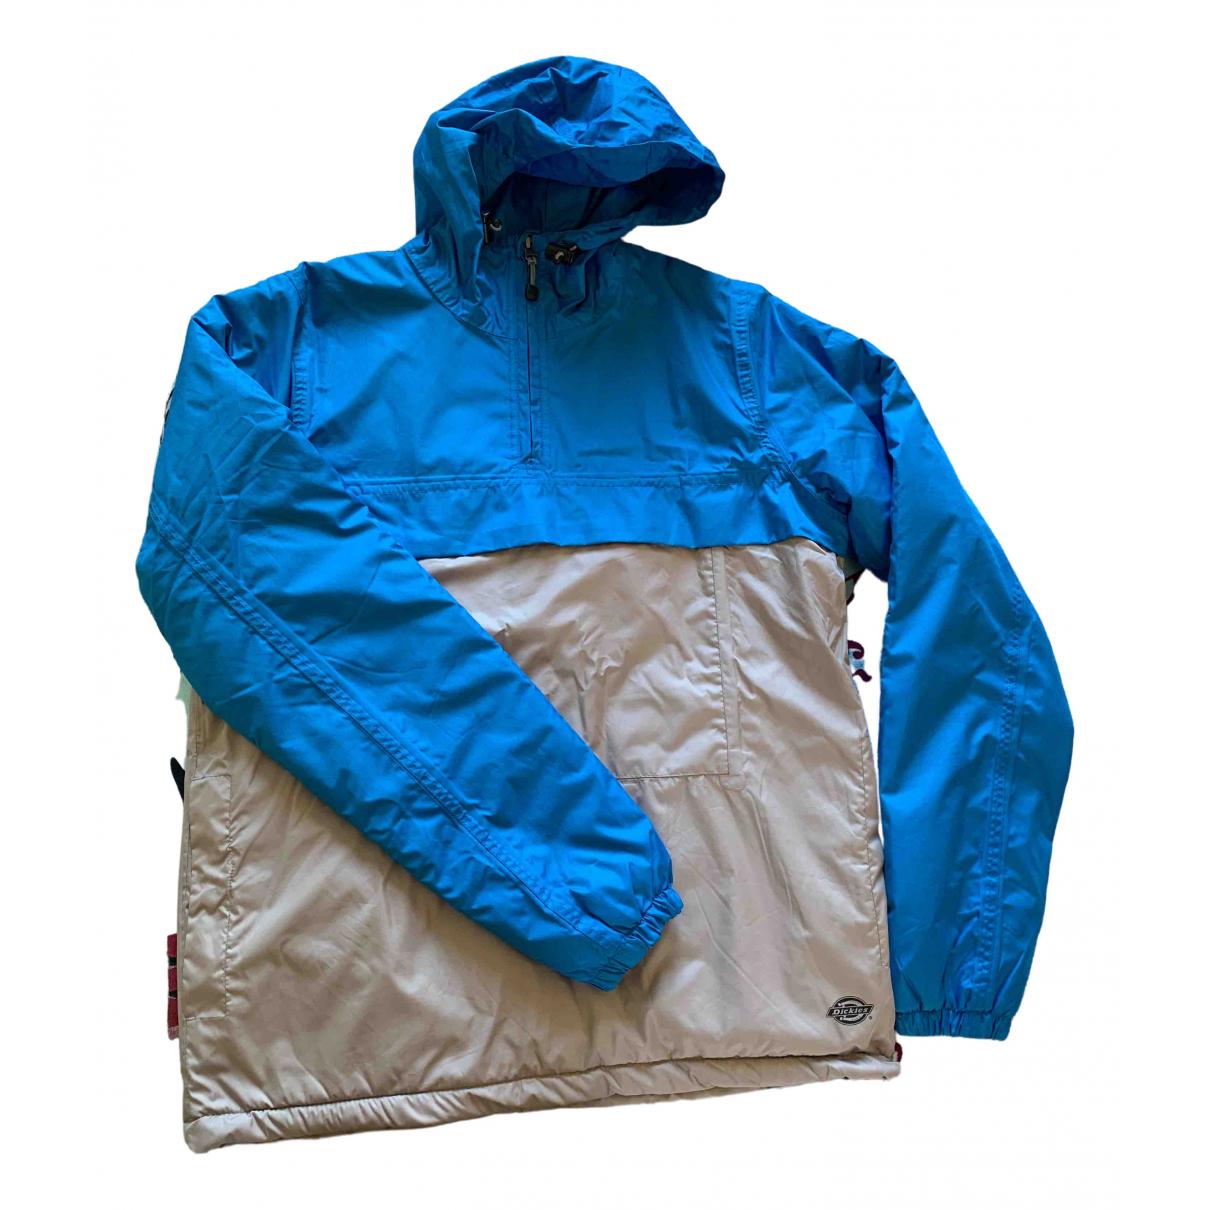 Dickies \N Blue jacket  for Men XS International